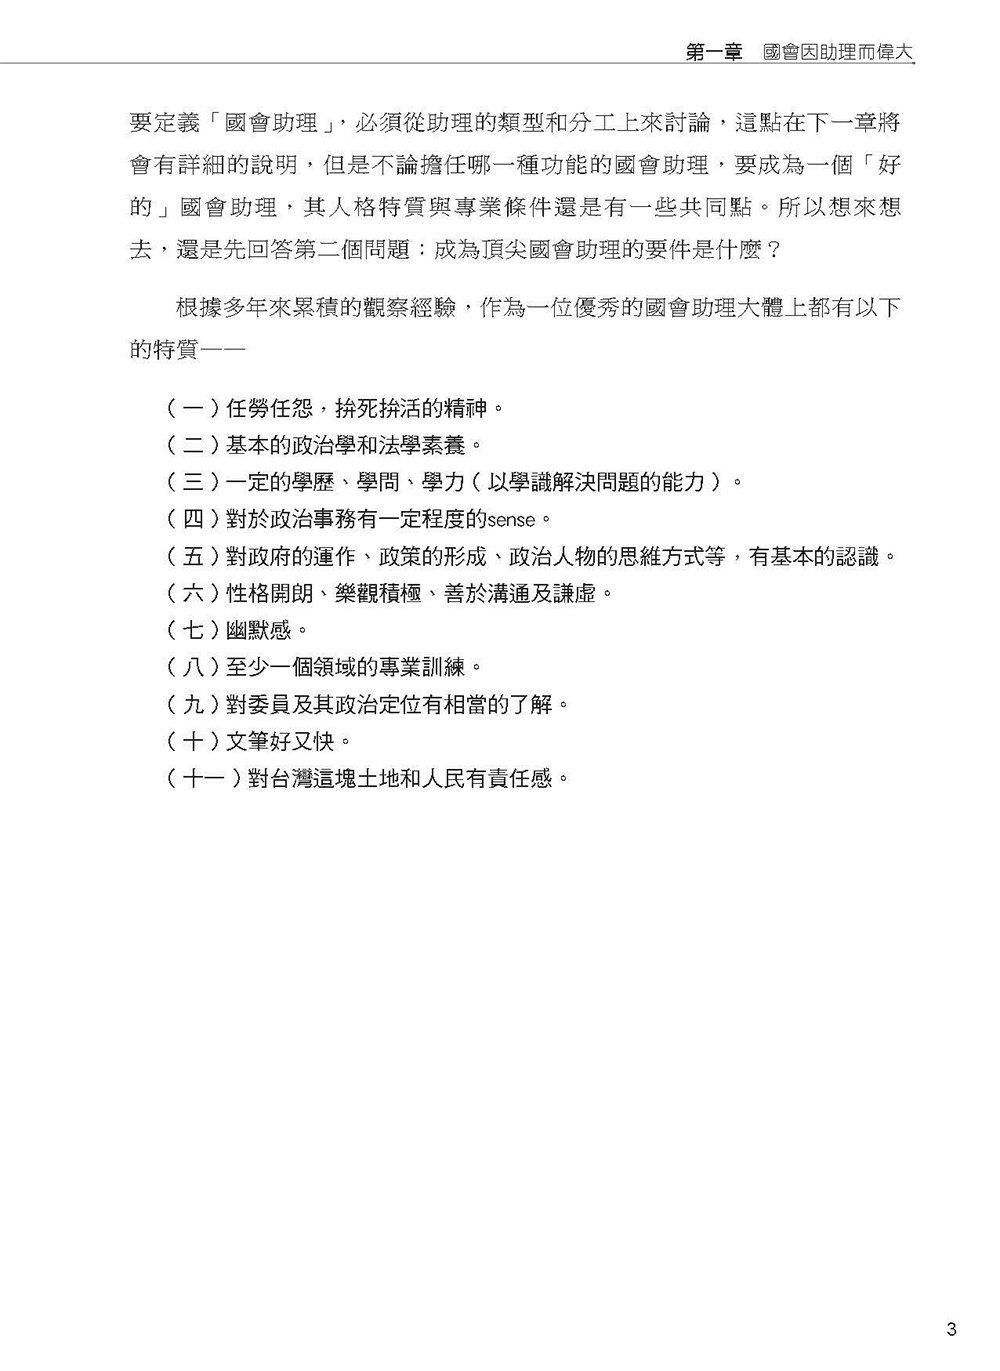 國會助理工作手冊 (最新增補版)-preview-7